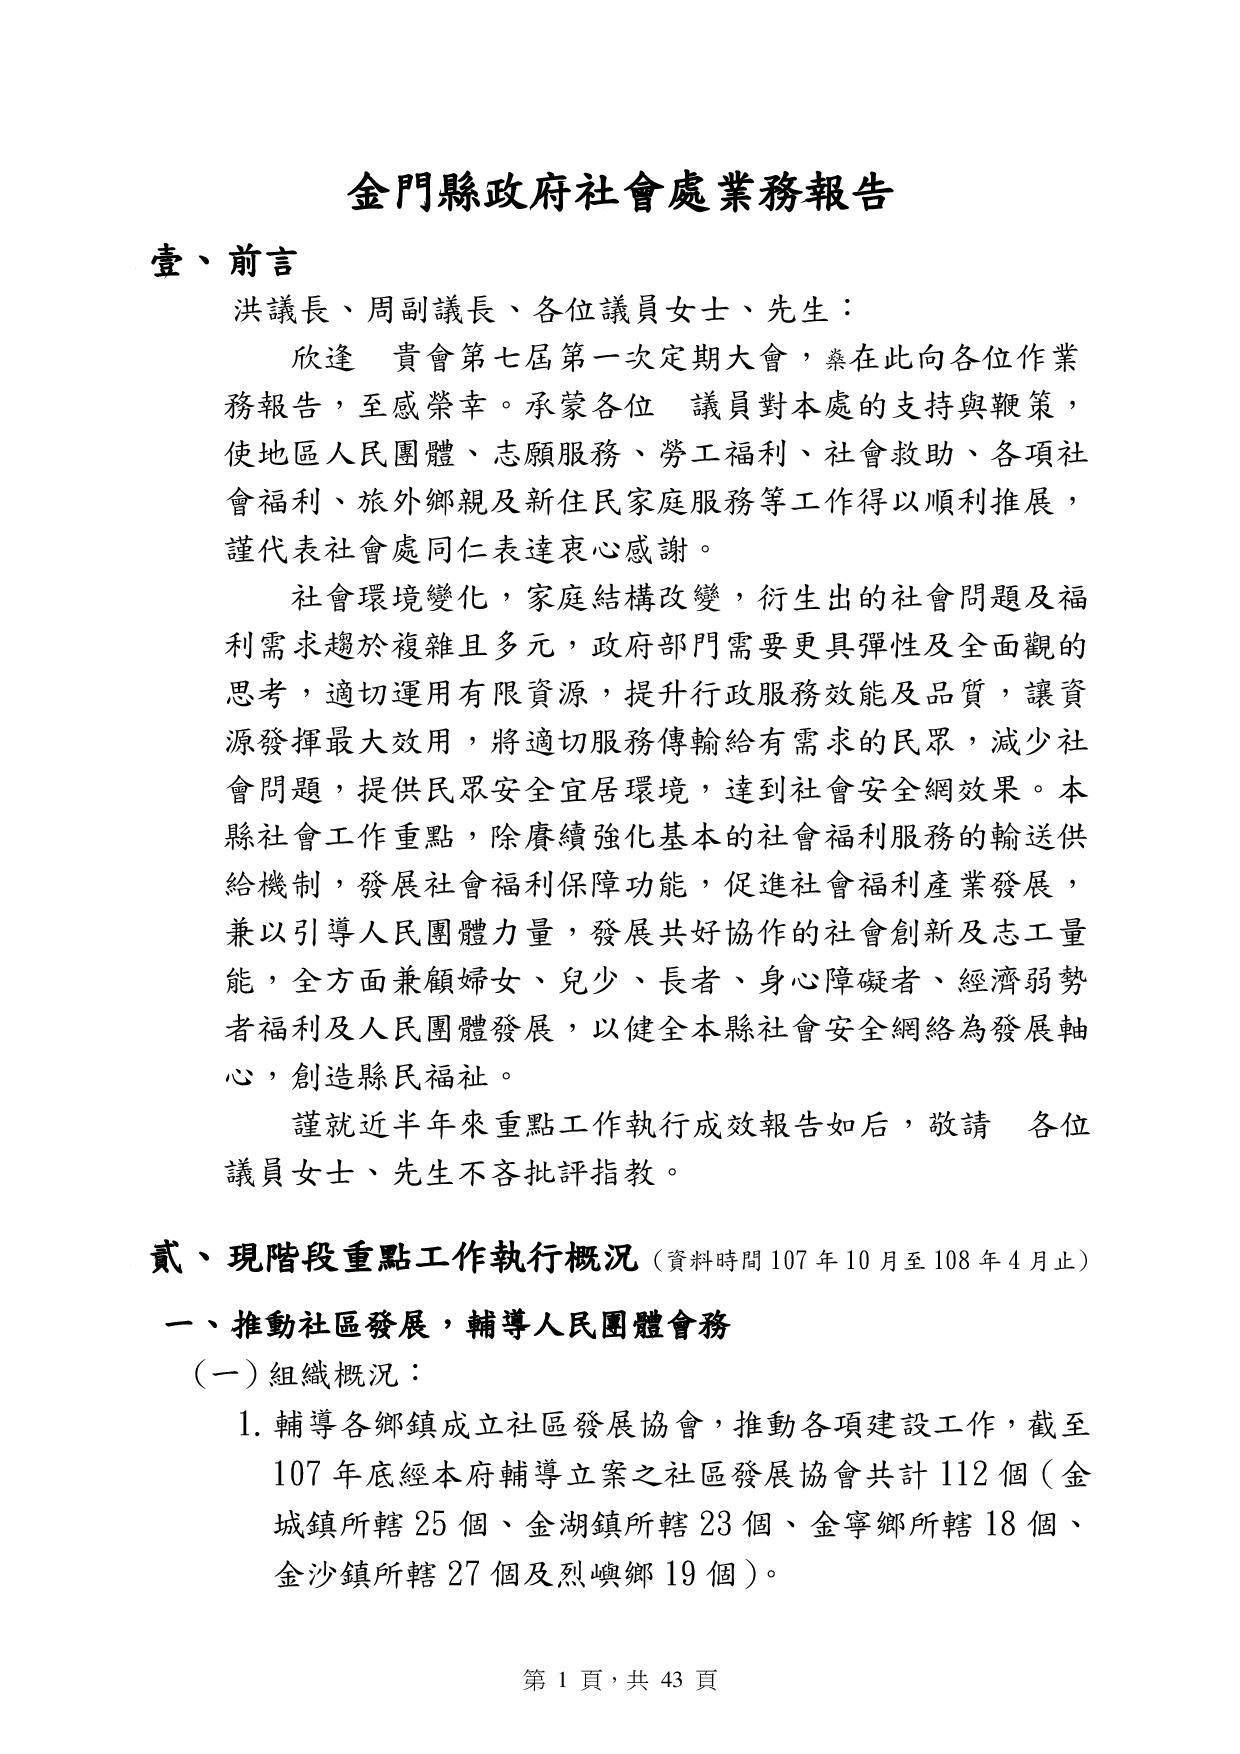 社會處業務報告(第七屆第1次定期會)108.05.17修正版